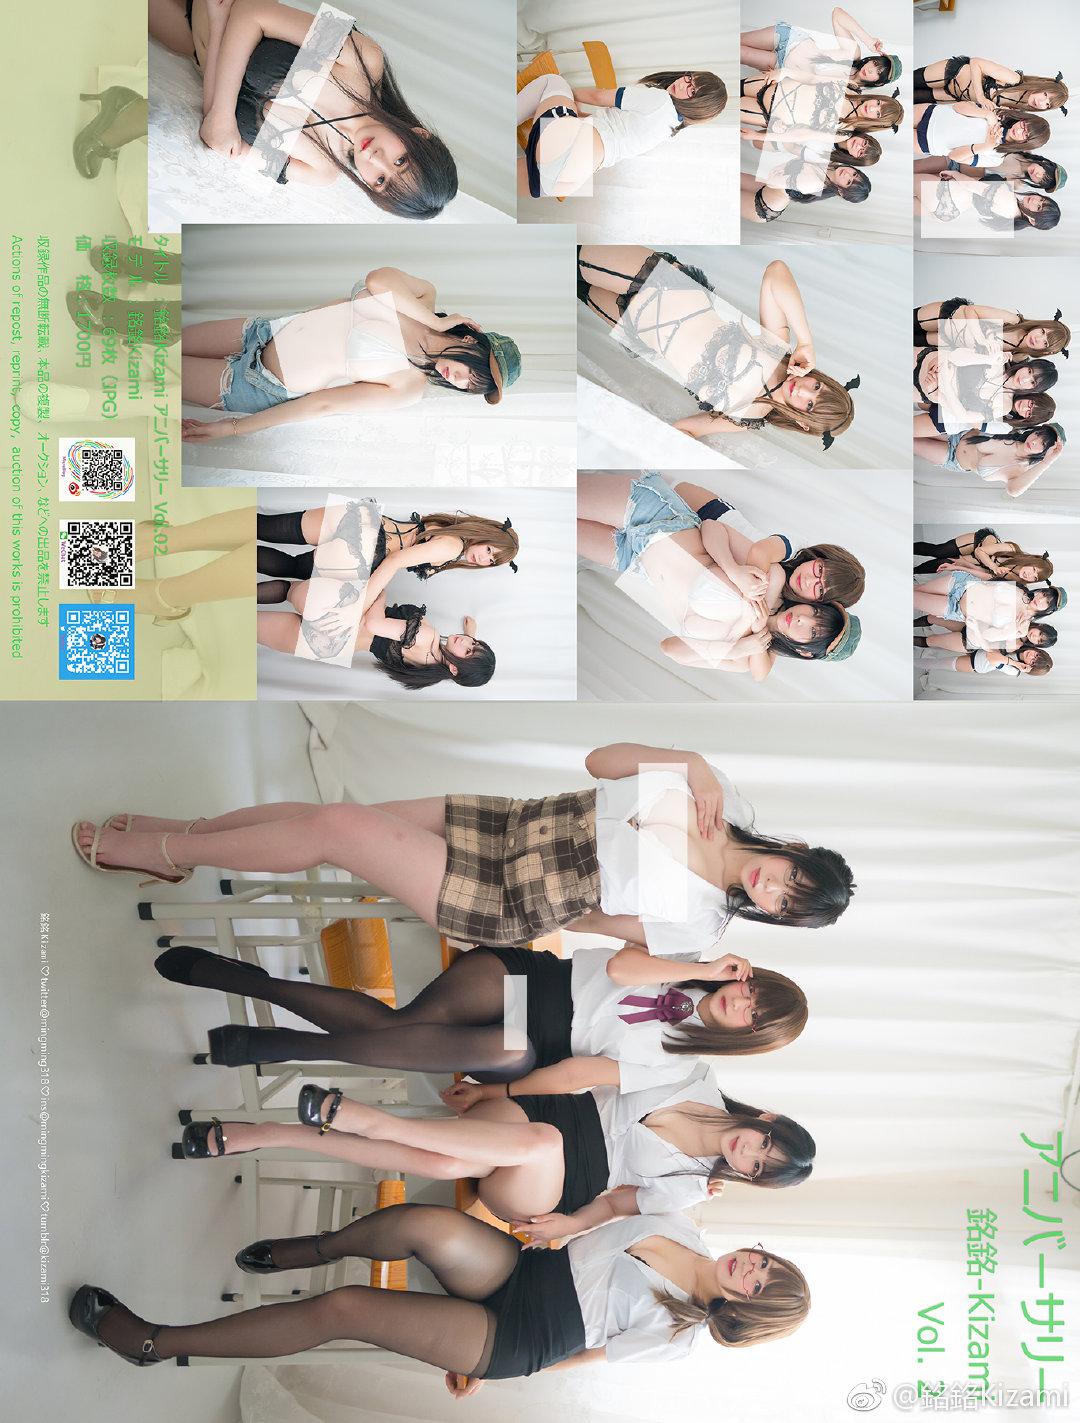 銘銘Kizami新系列的第二作出來了❤電子周邊集❤銘銘Ki_美女福利图片